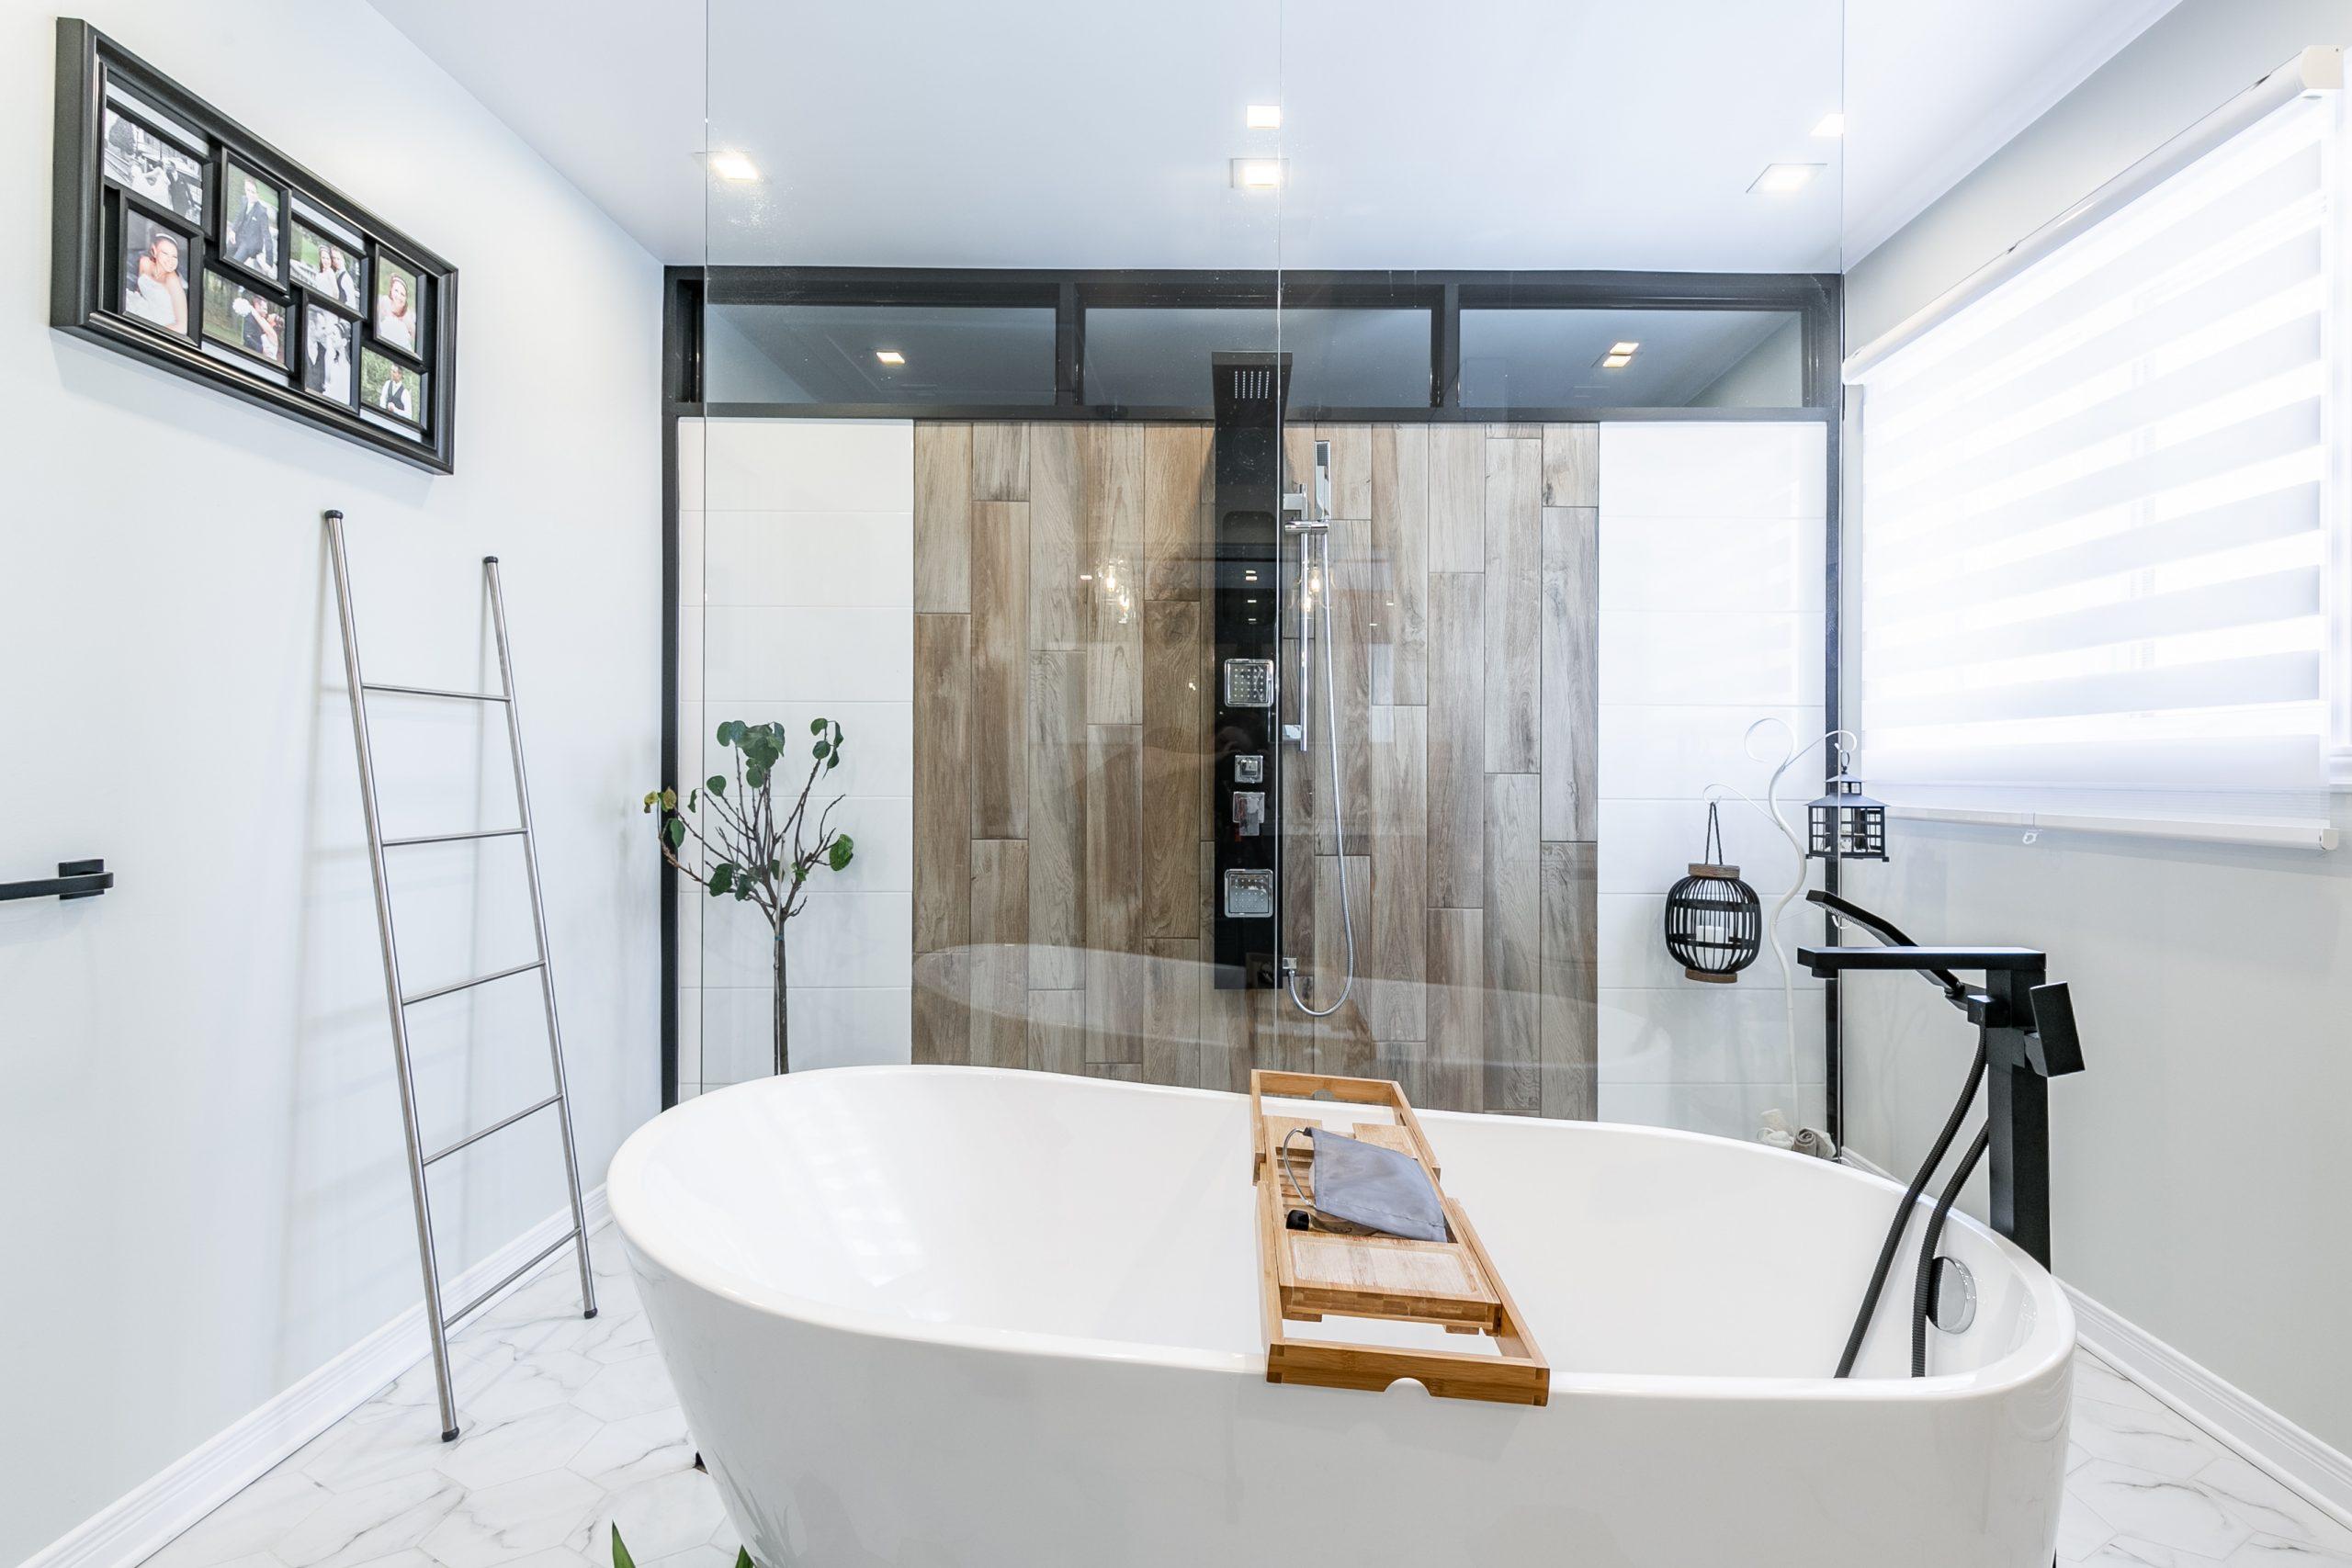 Une grande baignoire autoportante se trouve devant un panneau de verre de douche.